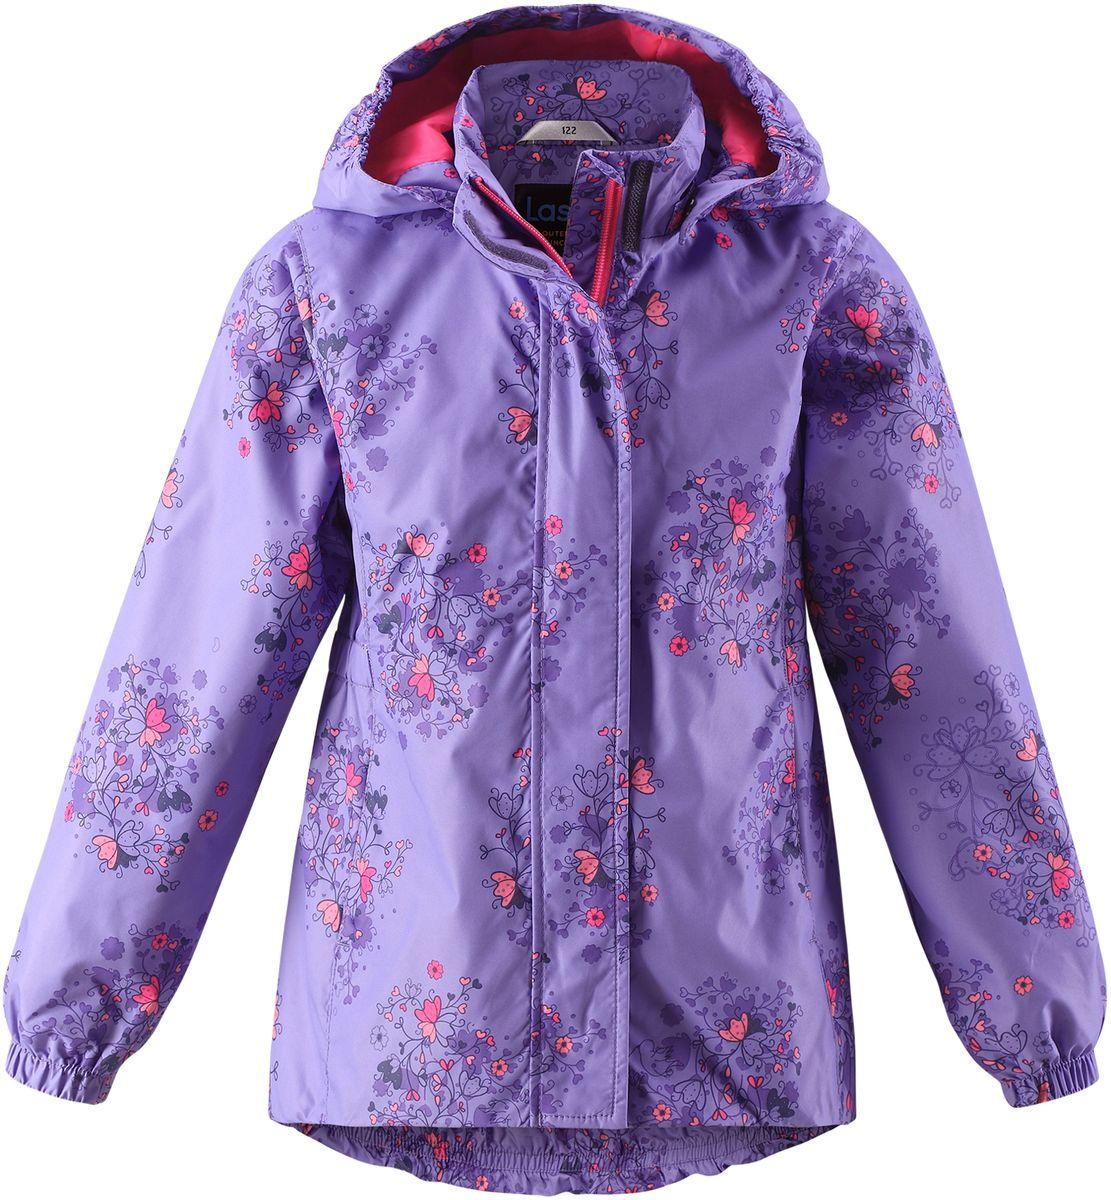 Куртка для девочки Lassie, цвет: сиреневый. 721704R5691. Размер 104721704R5691Стильная демисезонная куртка для девочек изготовлена из водоотталкивающего, ветронепроницаемого и дышащего материала. Гладкая и приятная на ощупь подкладка из полиэстера на легком утеплителе согревает и облегчает процесс одевания. Удлиненная модель для девочек с эластичной талией, подолом и манжетами. Практичные детали просто незаменимы: безопасный съемный капюшон, карманы, вшитые в боковые швы, и светоотражающая эмблема сзади.